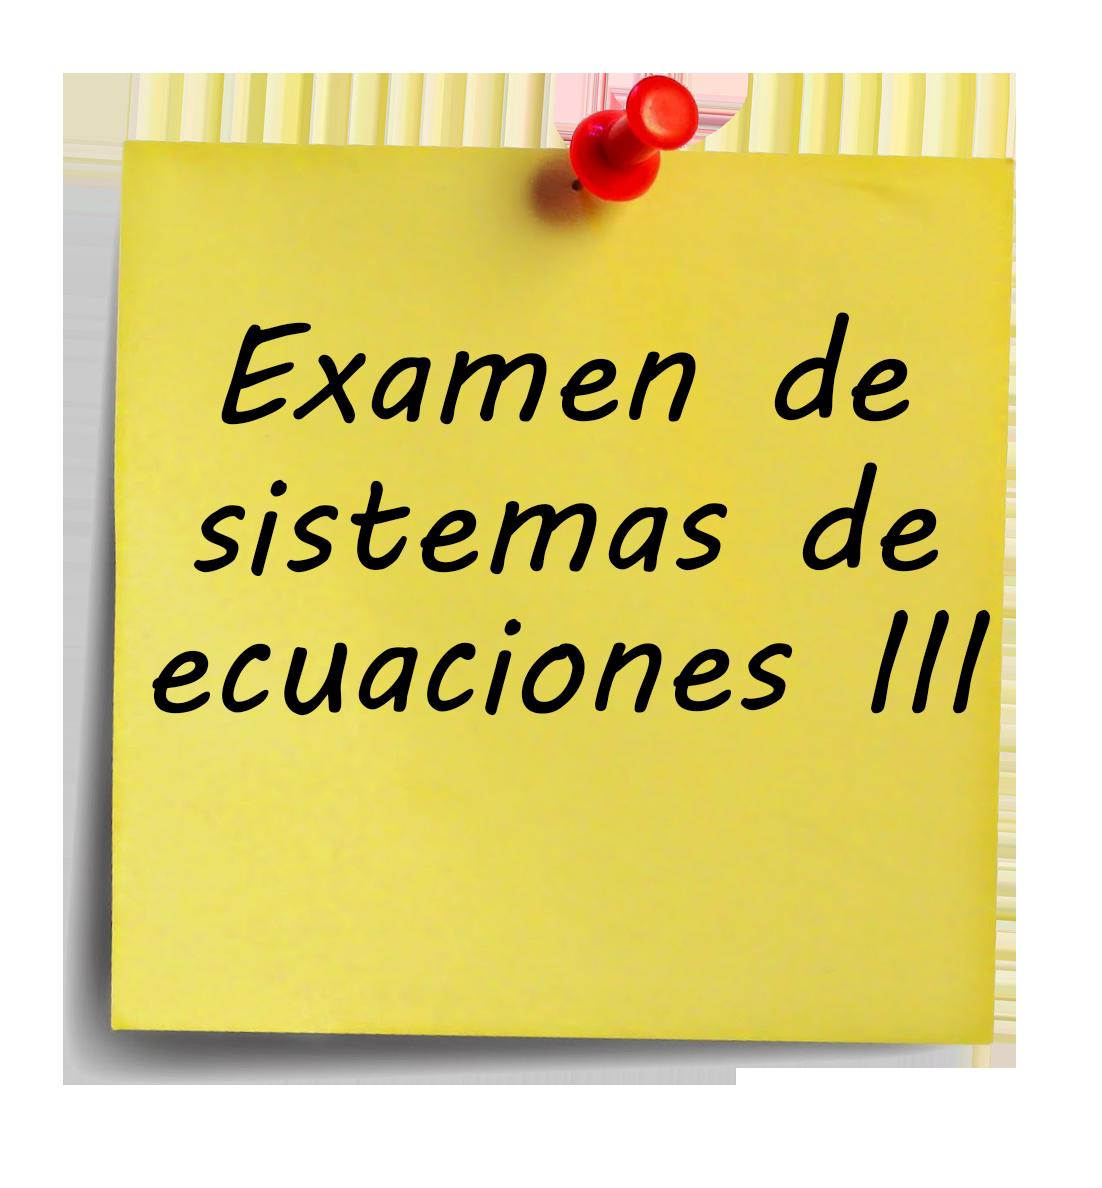 examen-de-sistemas-de-ecuaciones-iii